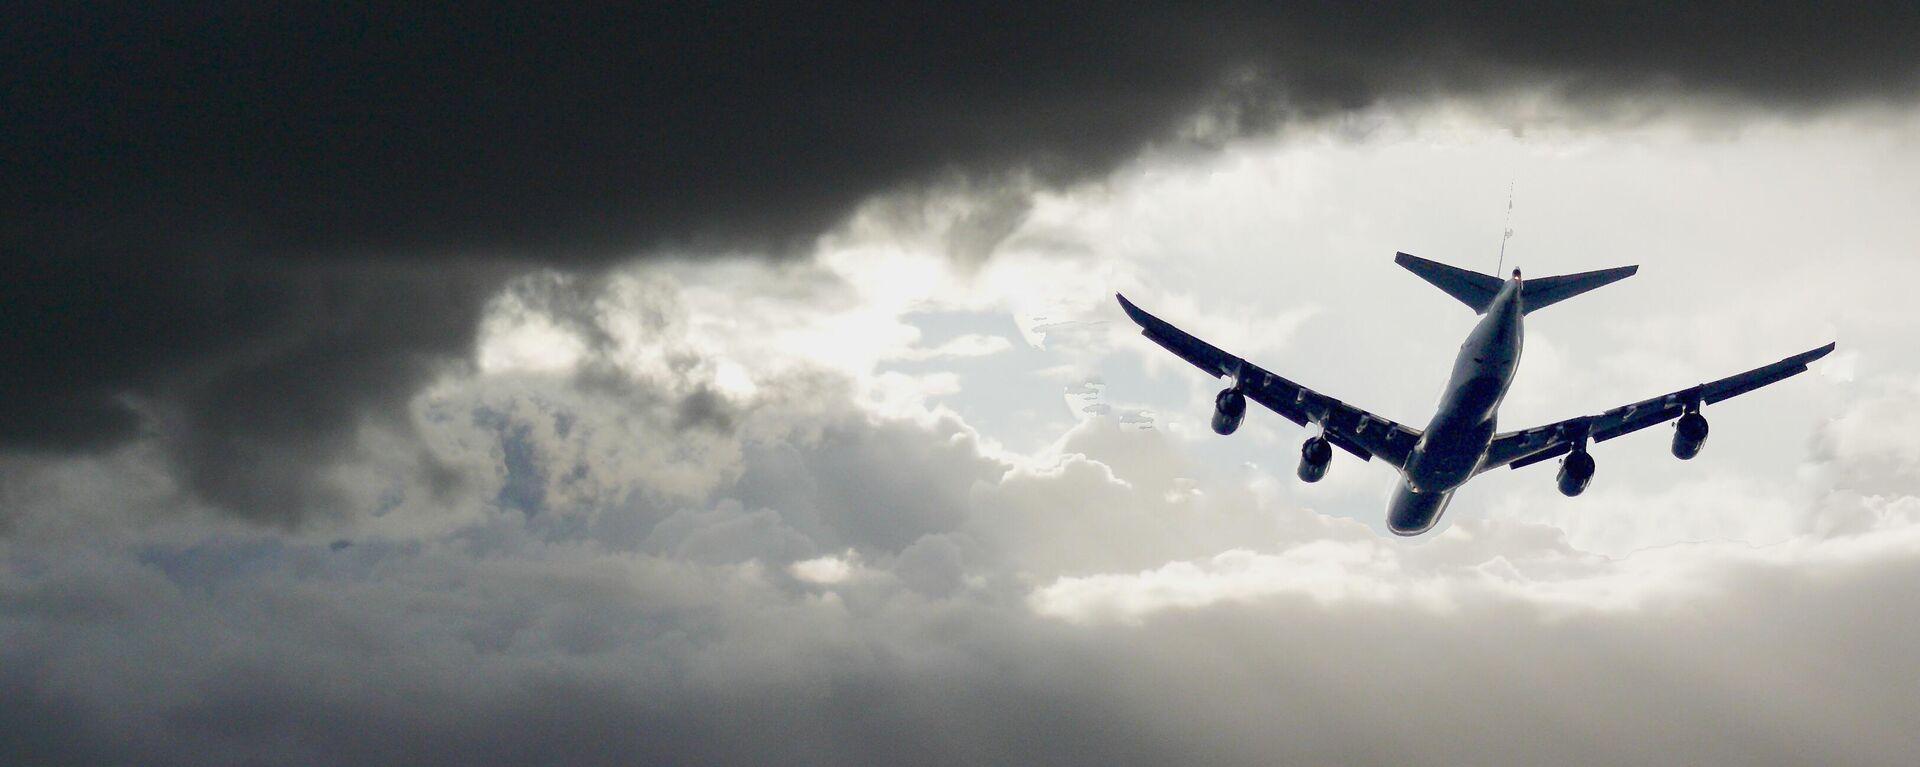 Flugzeug. Symbolöbild - SNA, 1920, 12.09.2021